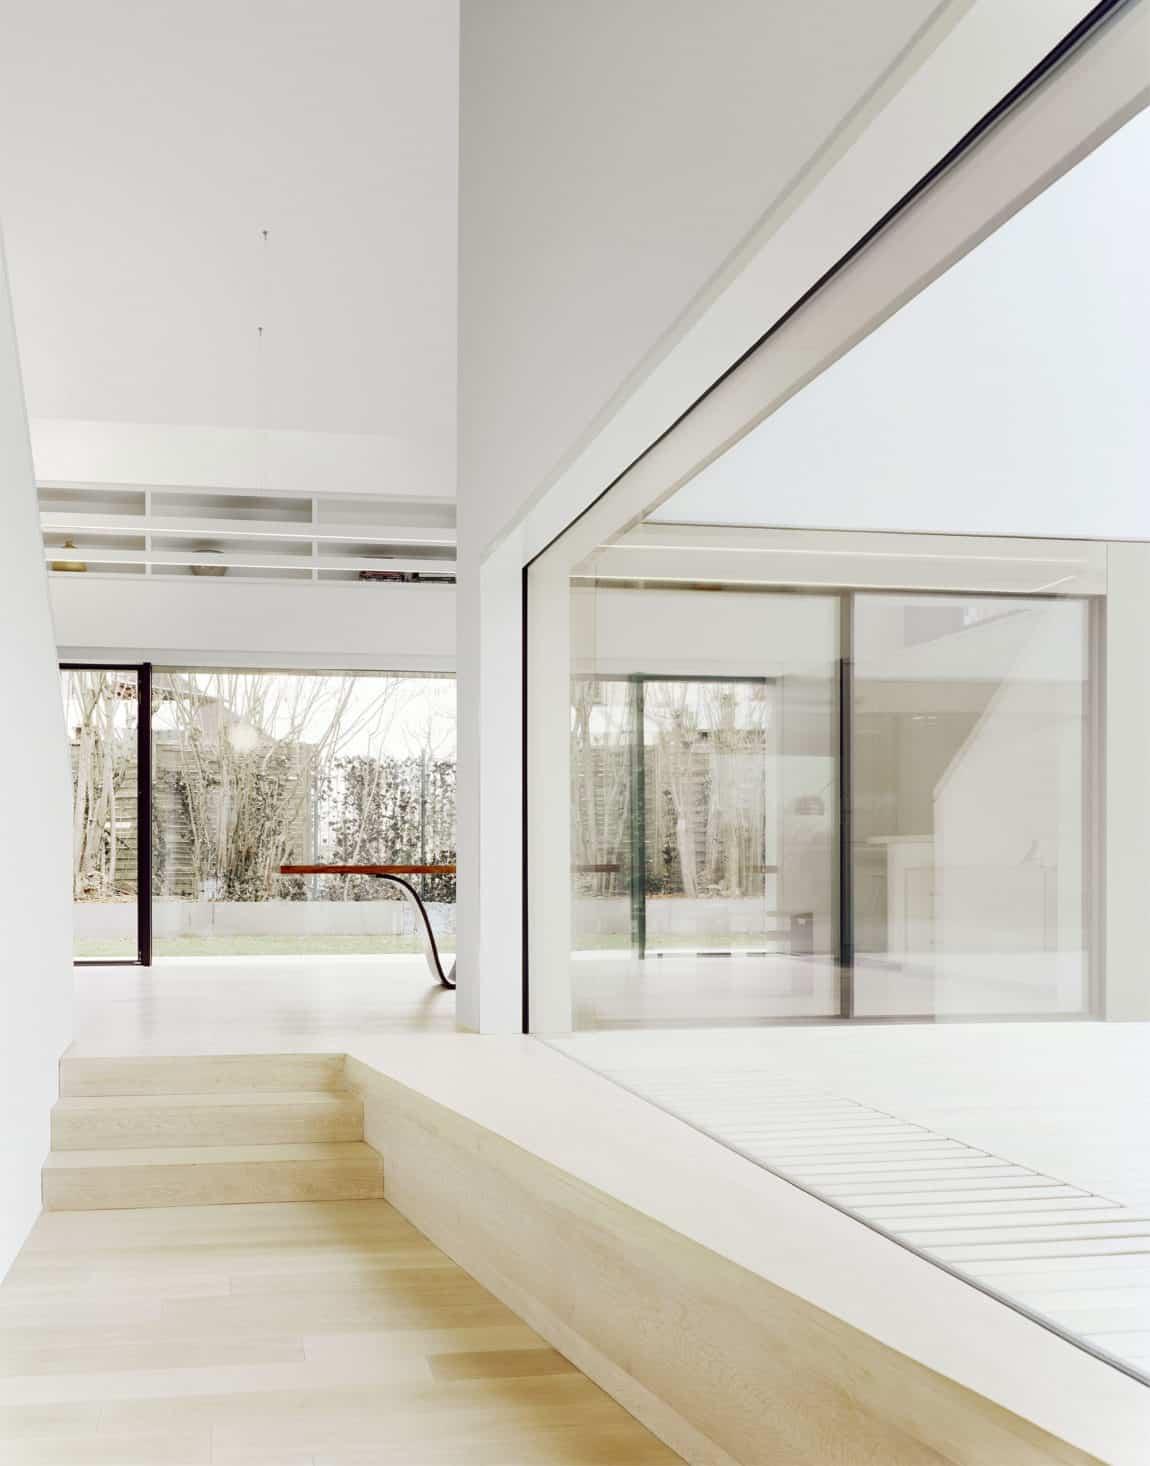 S3 Cityvilla by Steimle Architekten (12)